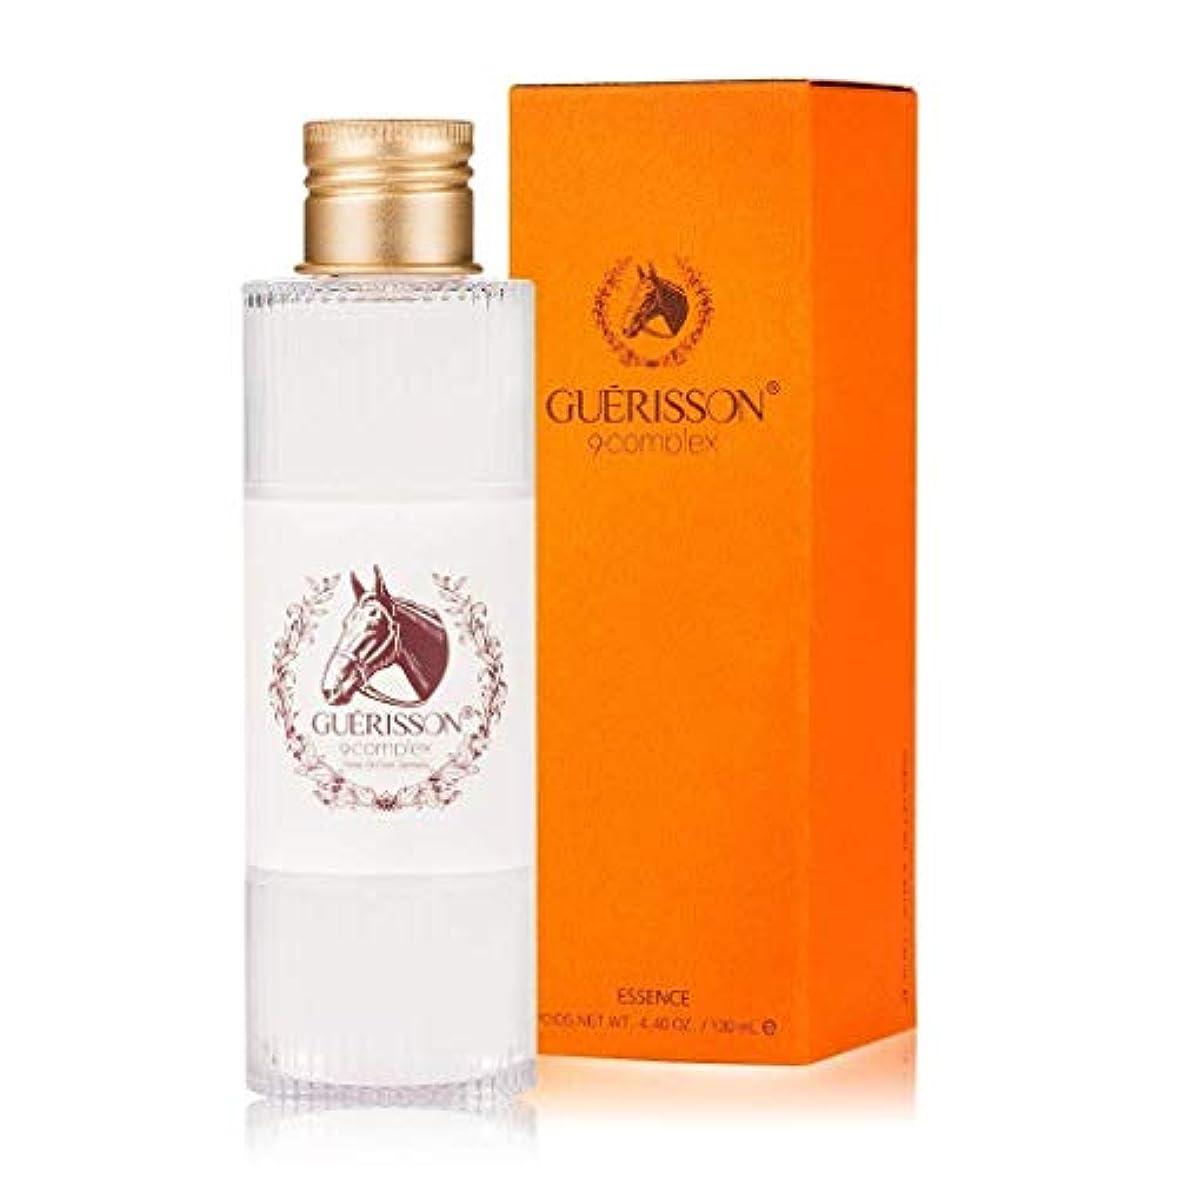 海里エゴマニアポータブルGuerisson 9 Complex Horse Oil Essence (Moisturizing Serum) 130ml(2019 Ver. Up)/Korea Cosmetics